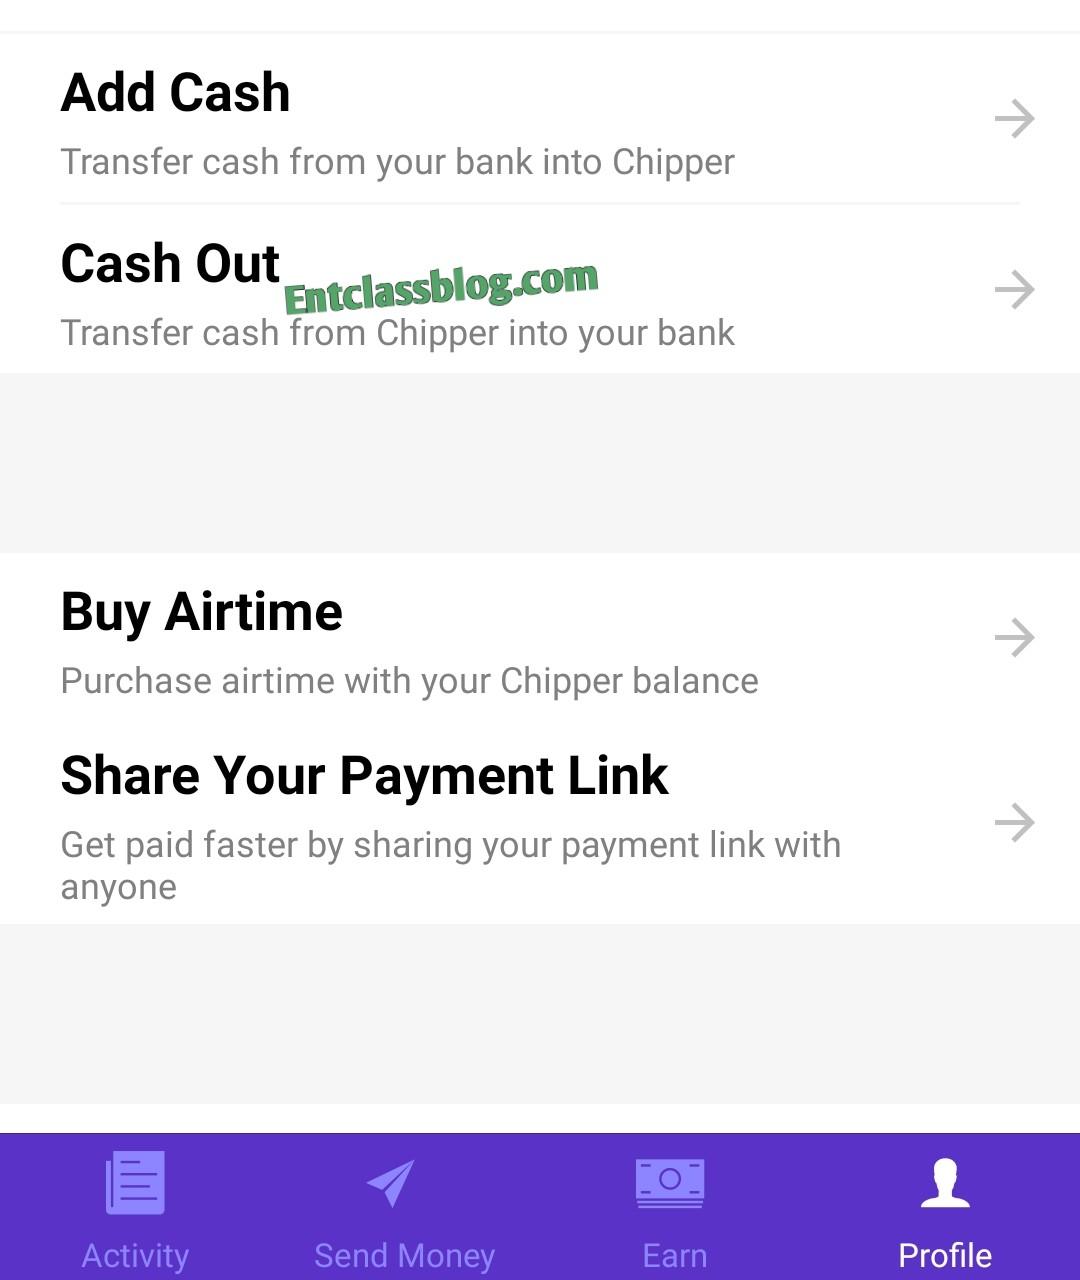 Chipper Cash Referral Program, Earn 250 Naira For Every